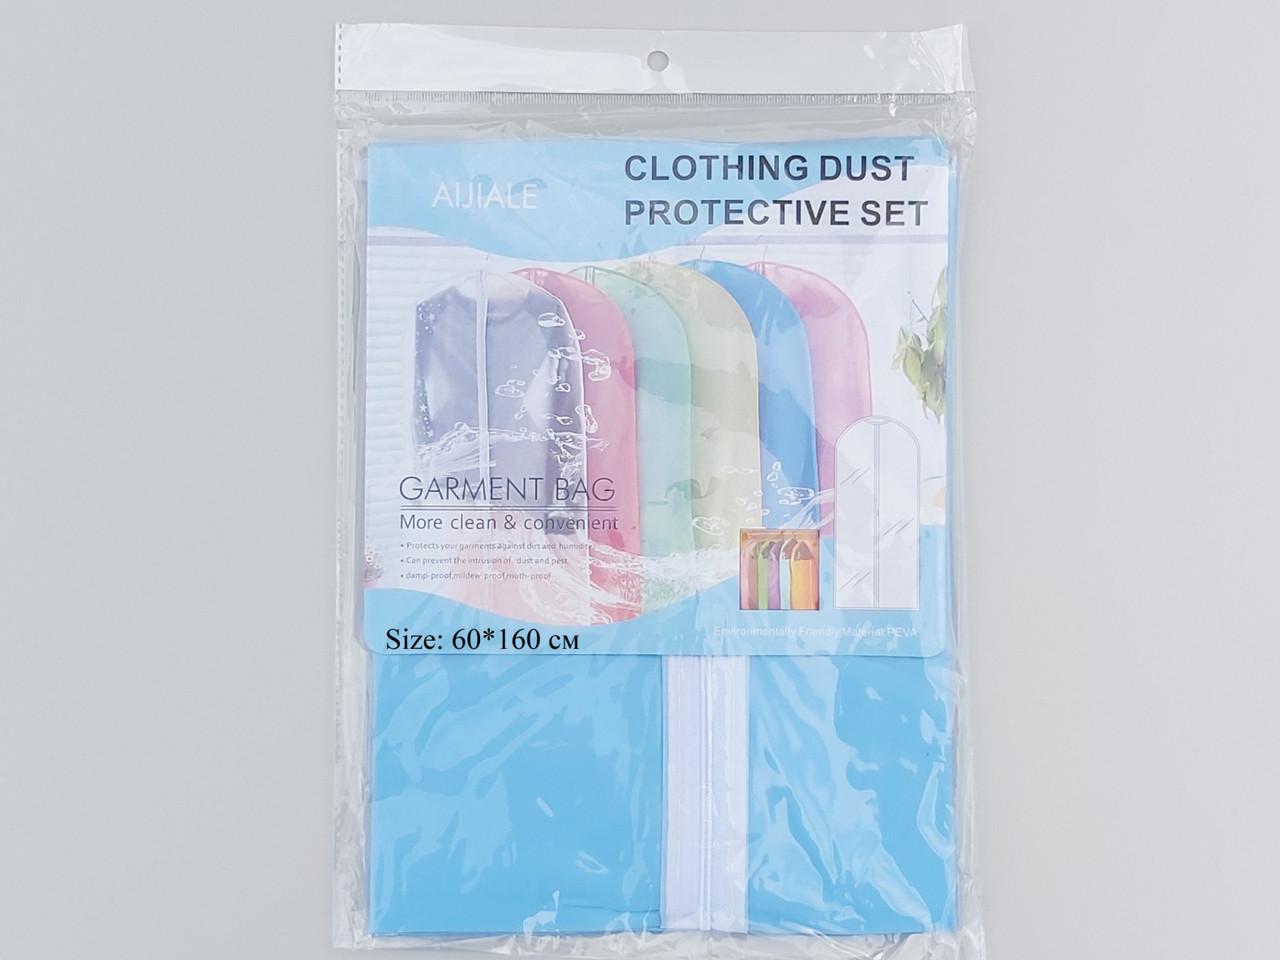 Чехол для хранения одежды из плащевки голубого цвета, размер 60*160 см